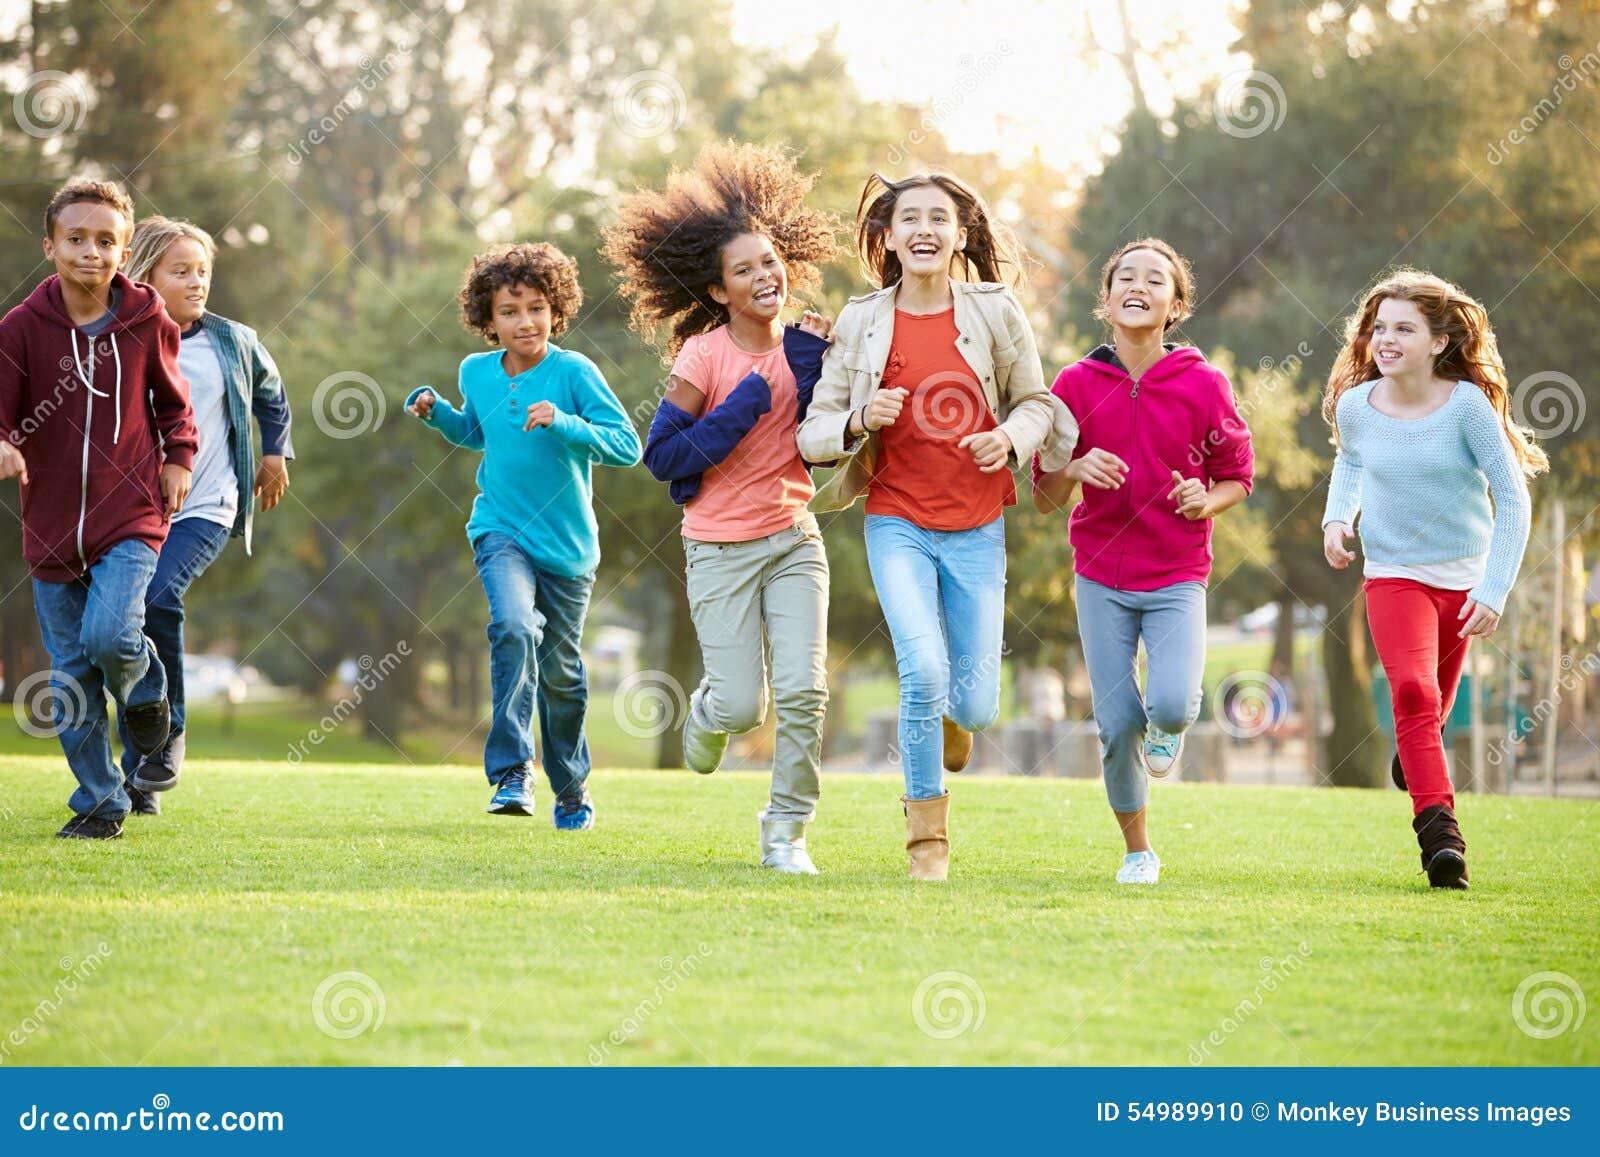 Gruppen av unga barn som kör in mot kamera parkerar in